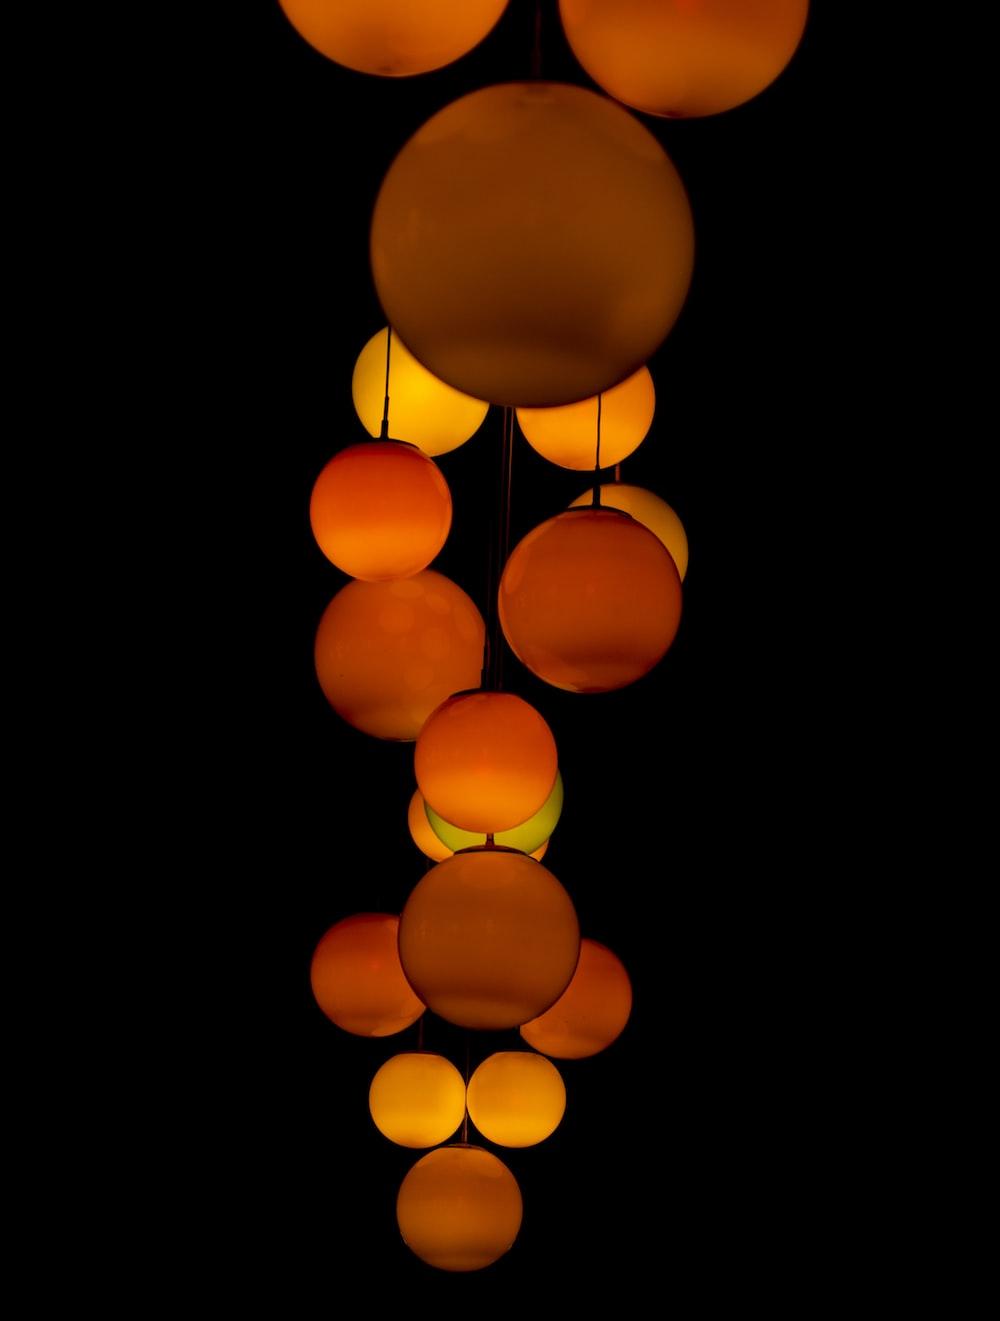 orange paper lanterns